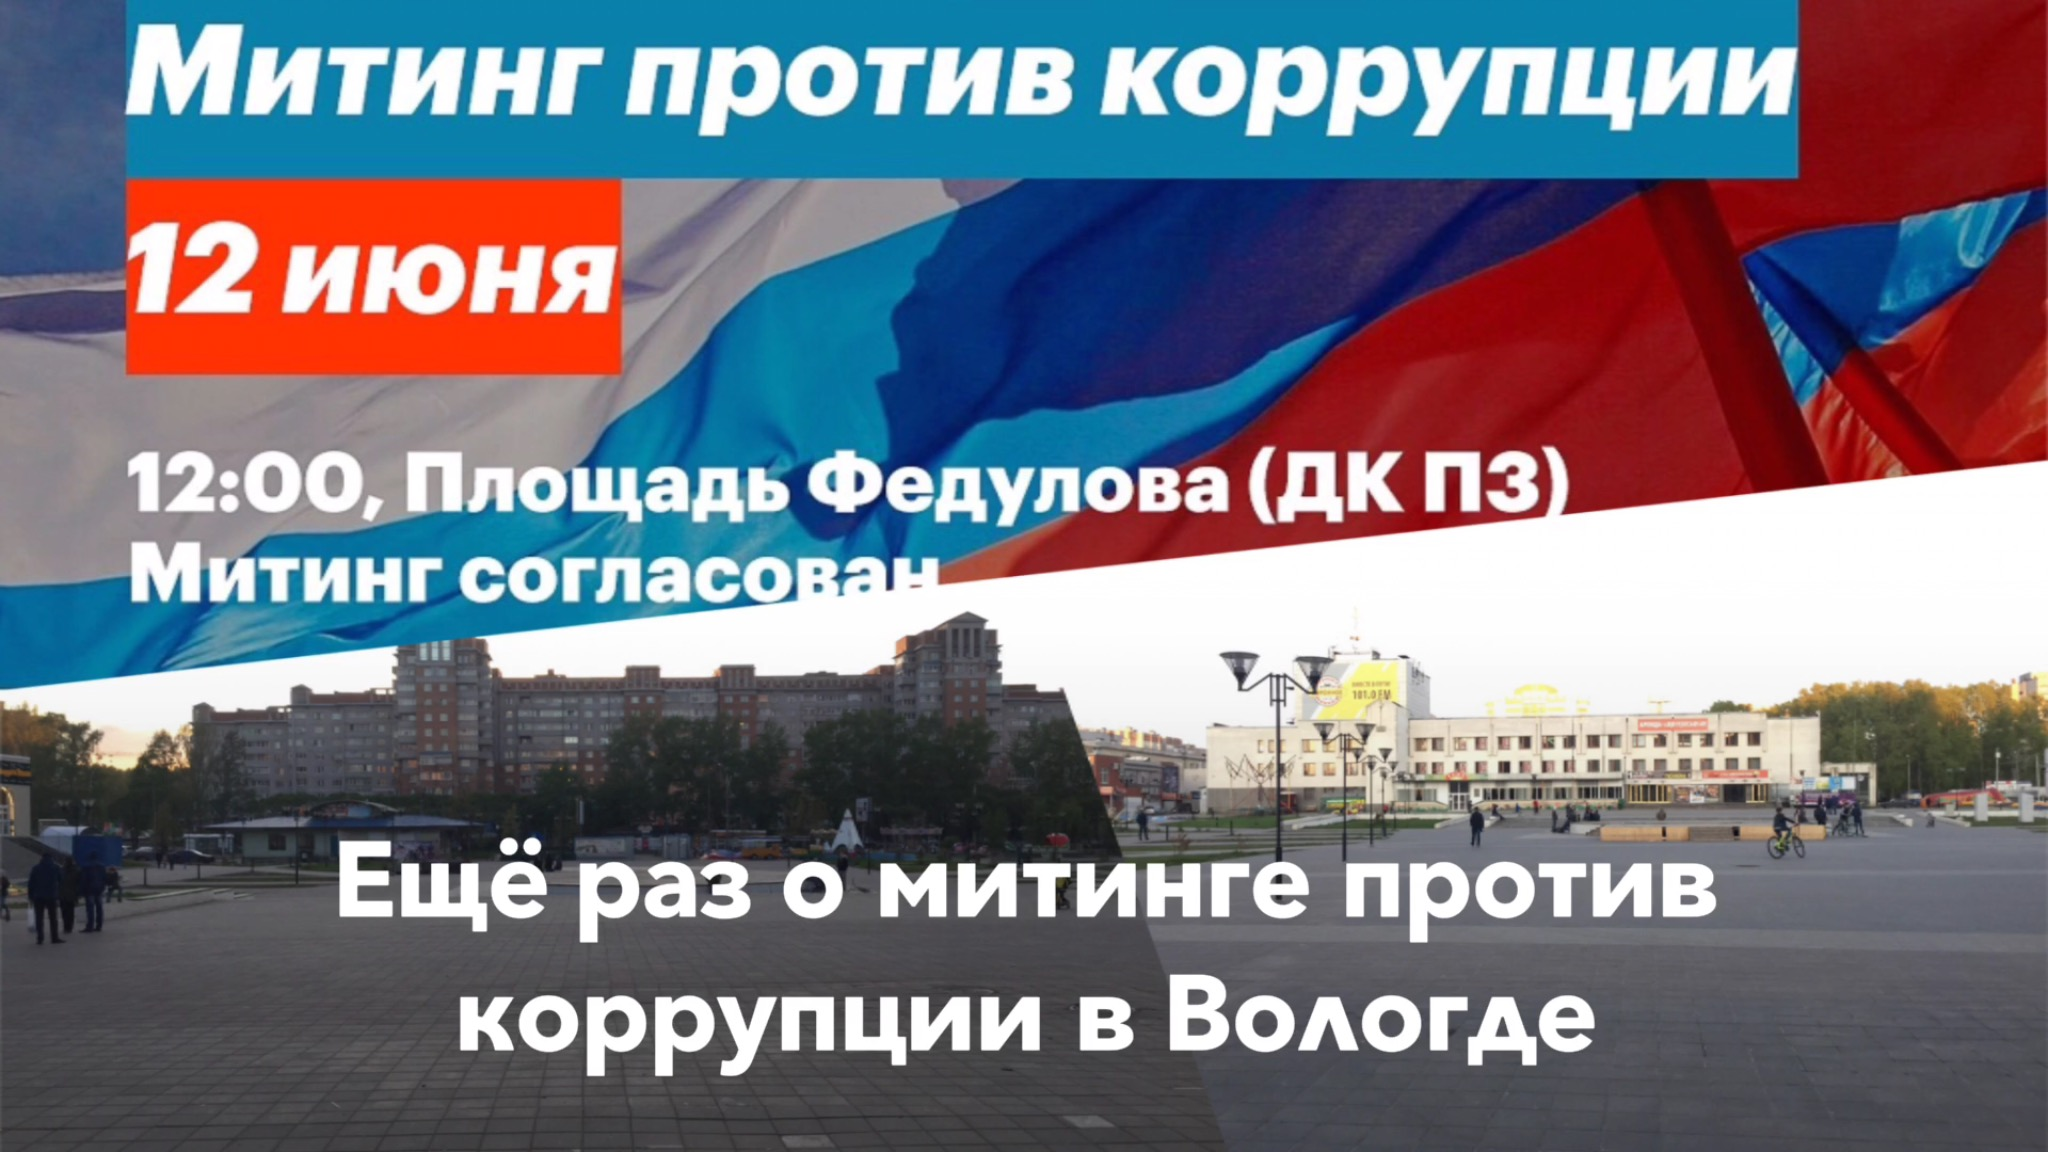 Еще раз о митинге против коррупции в Вологде